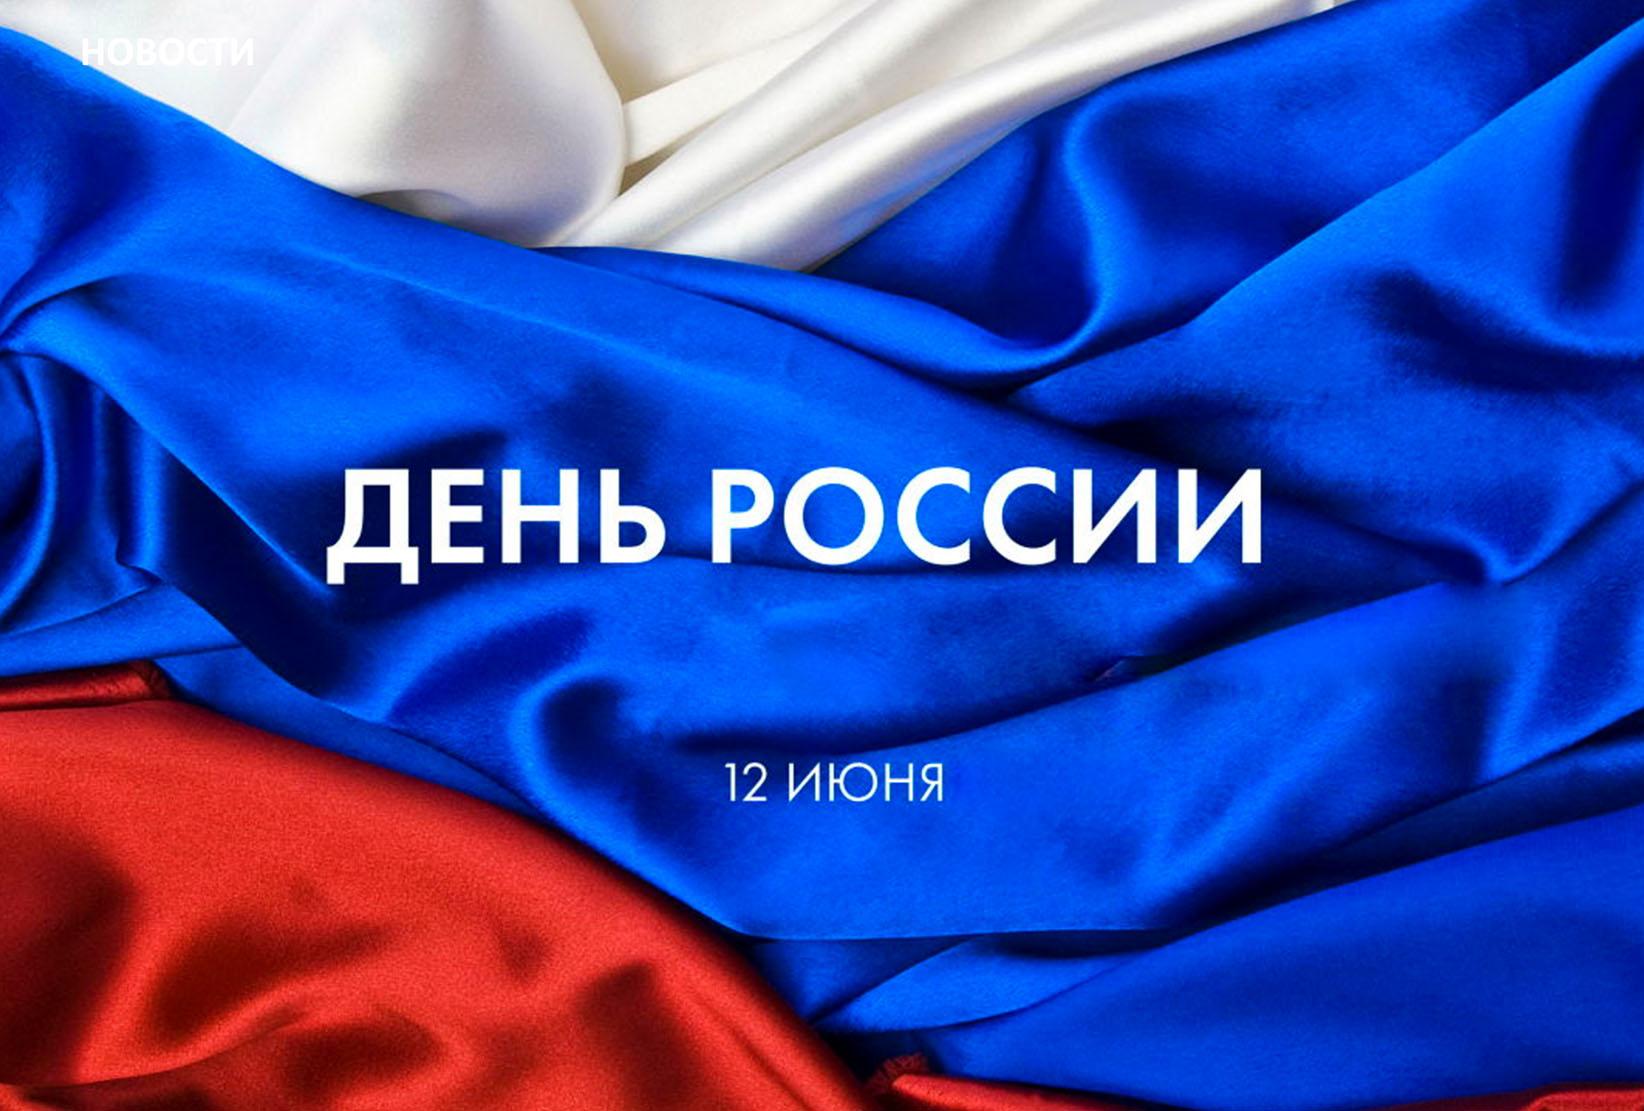 двор- довольно с днем россии открытки стильные использовать метку